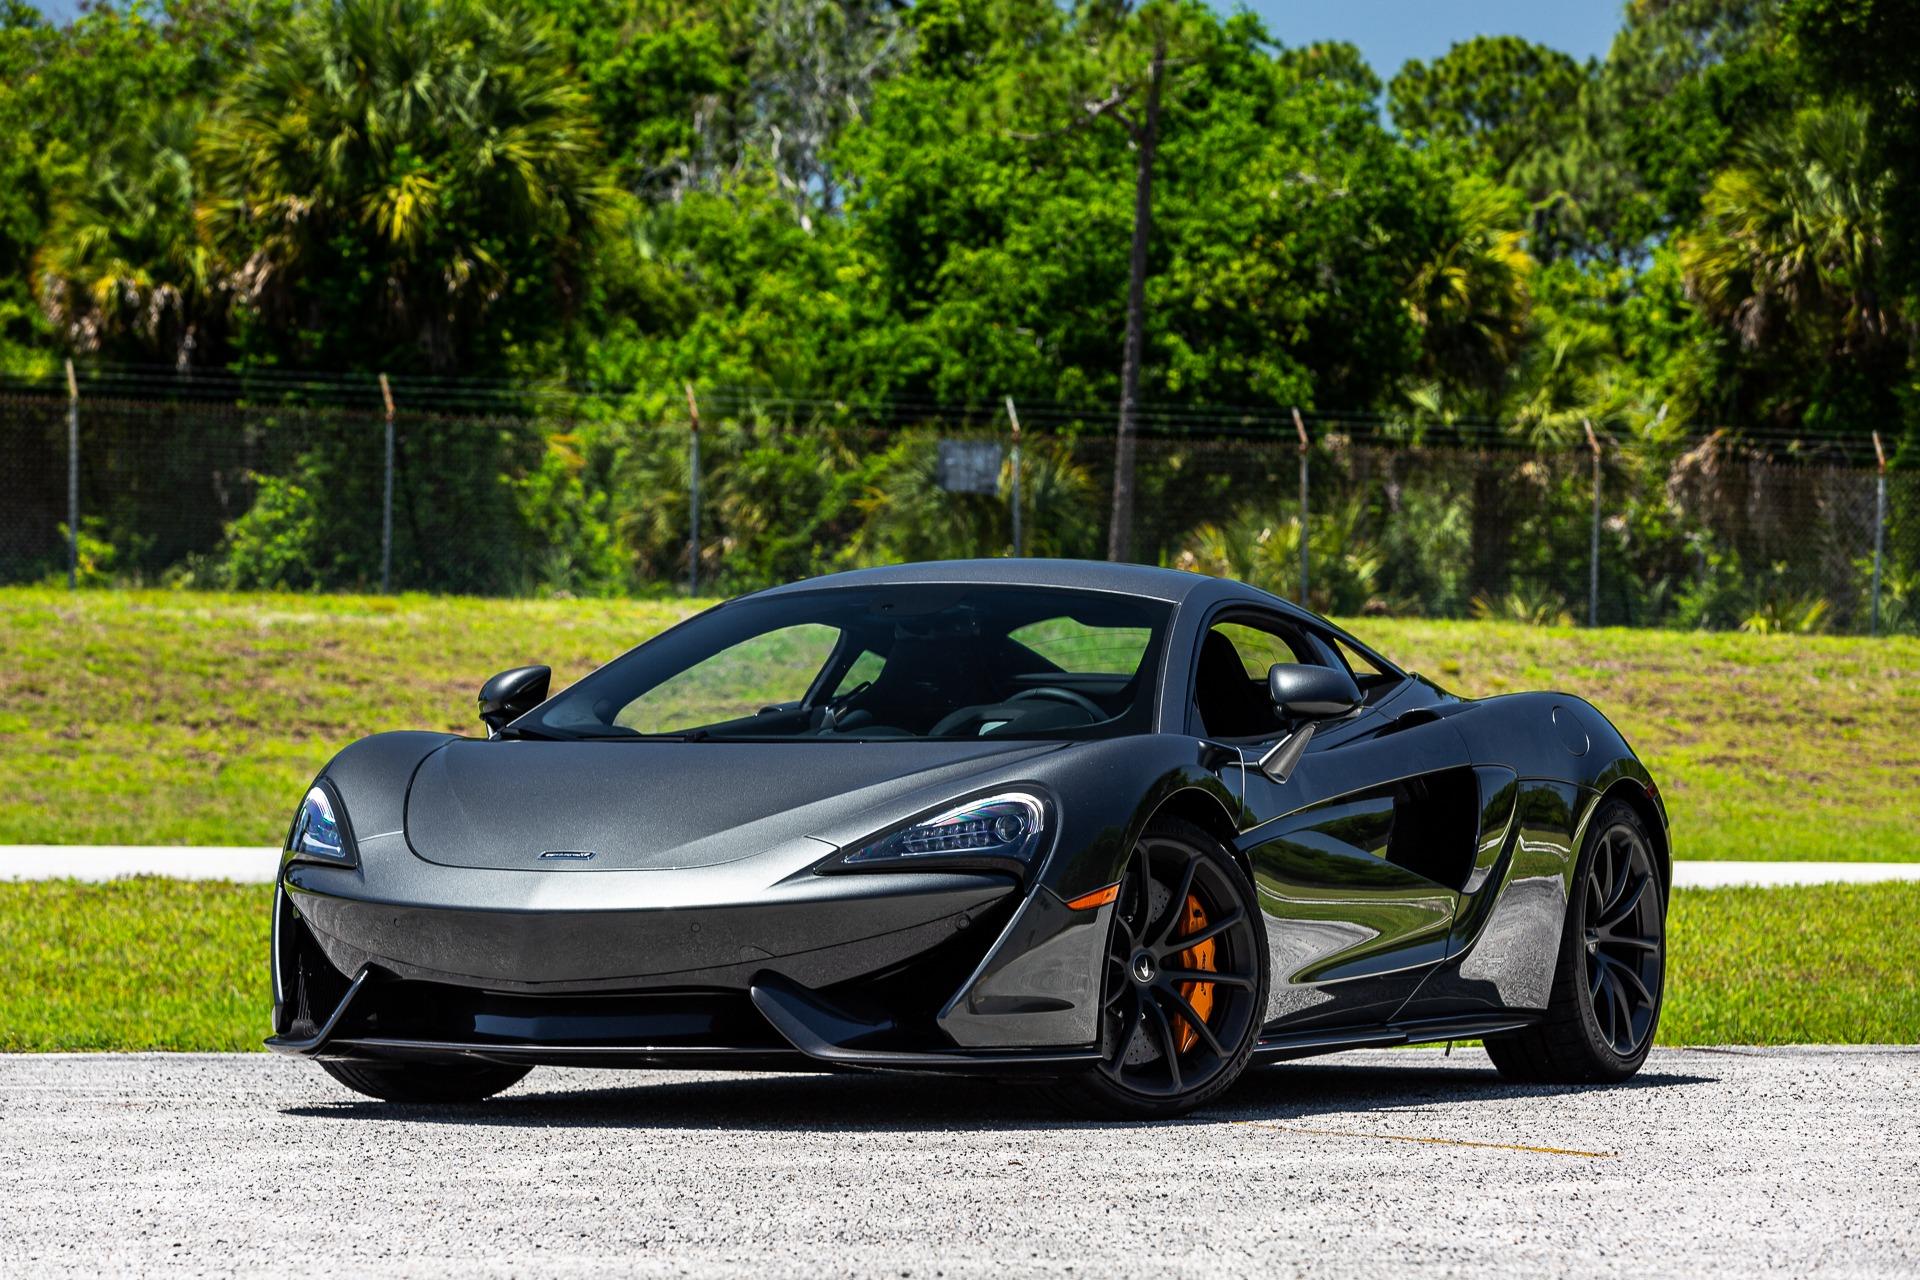 Used 2020 McLaren 570S for sale $196,880 at McLaren Orlando LLC in Titusville FL 32780 1